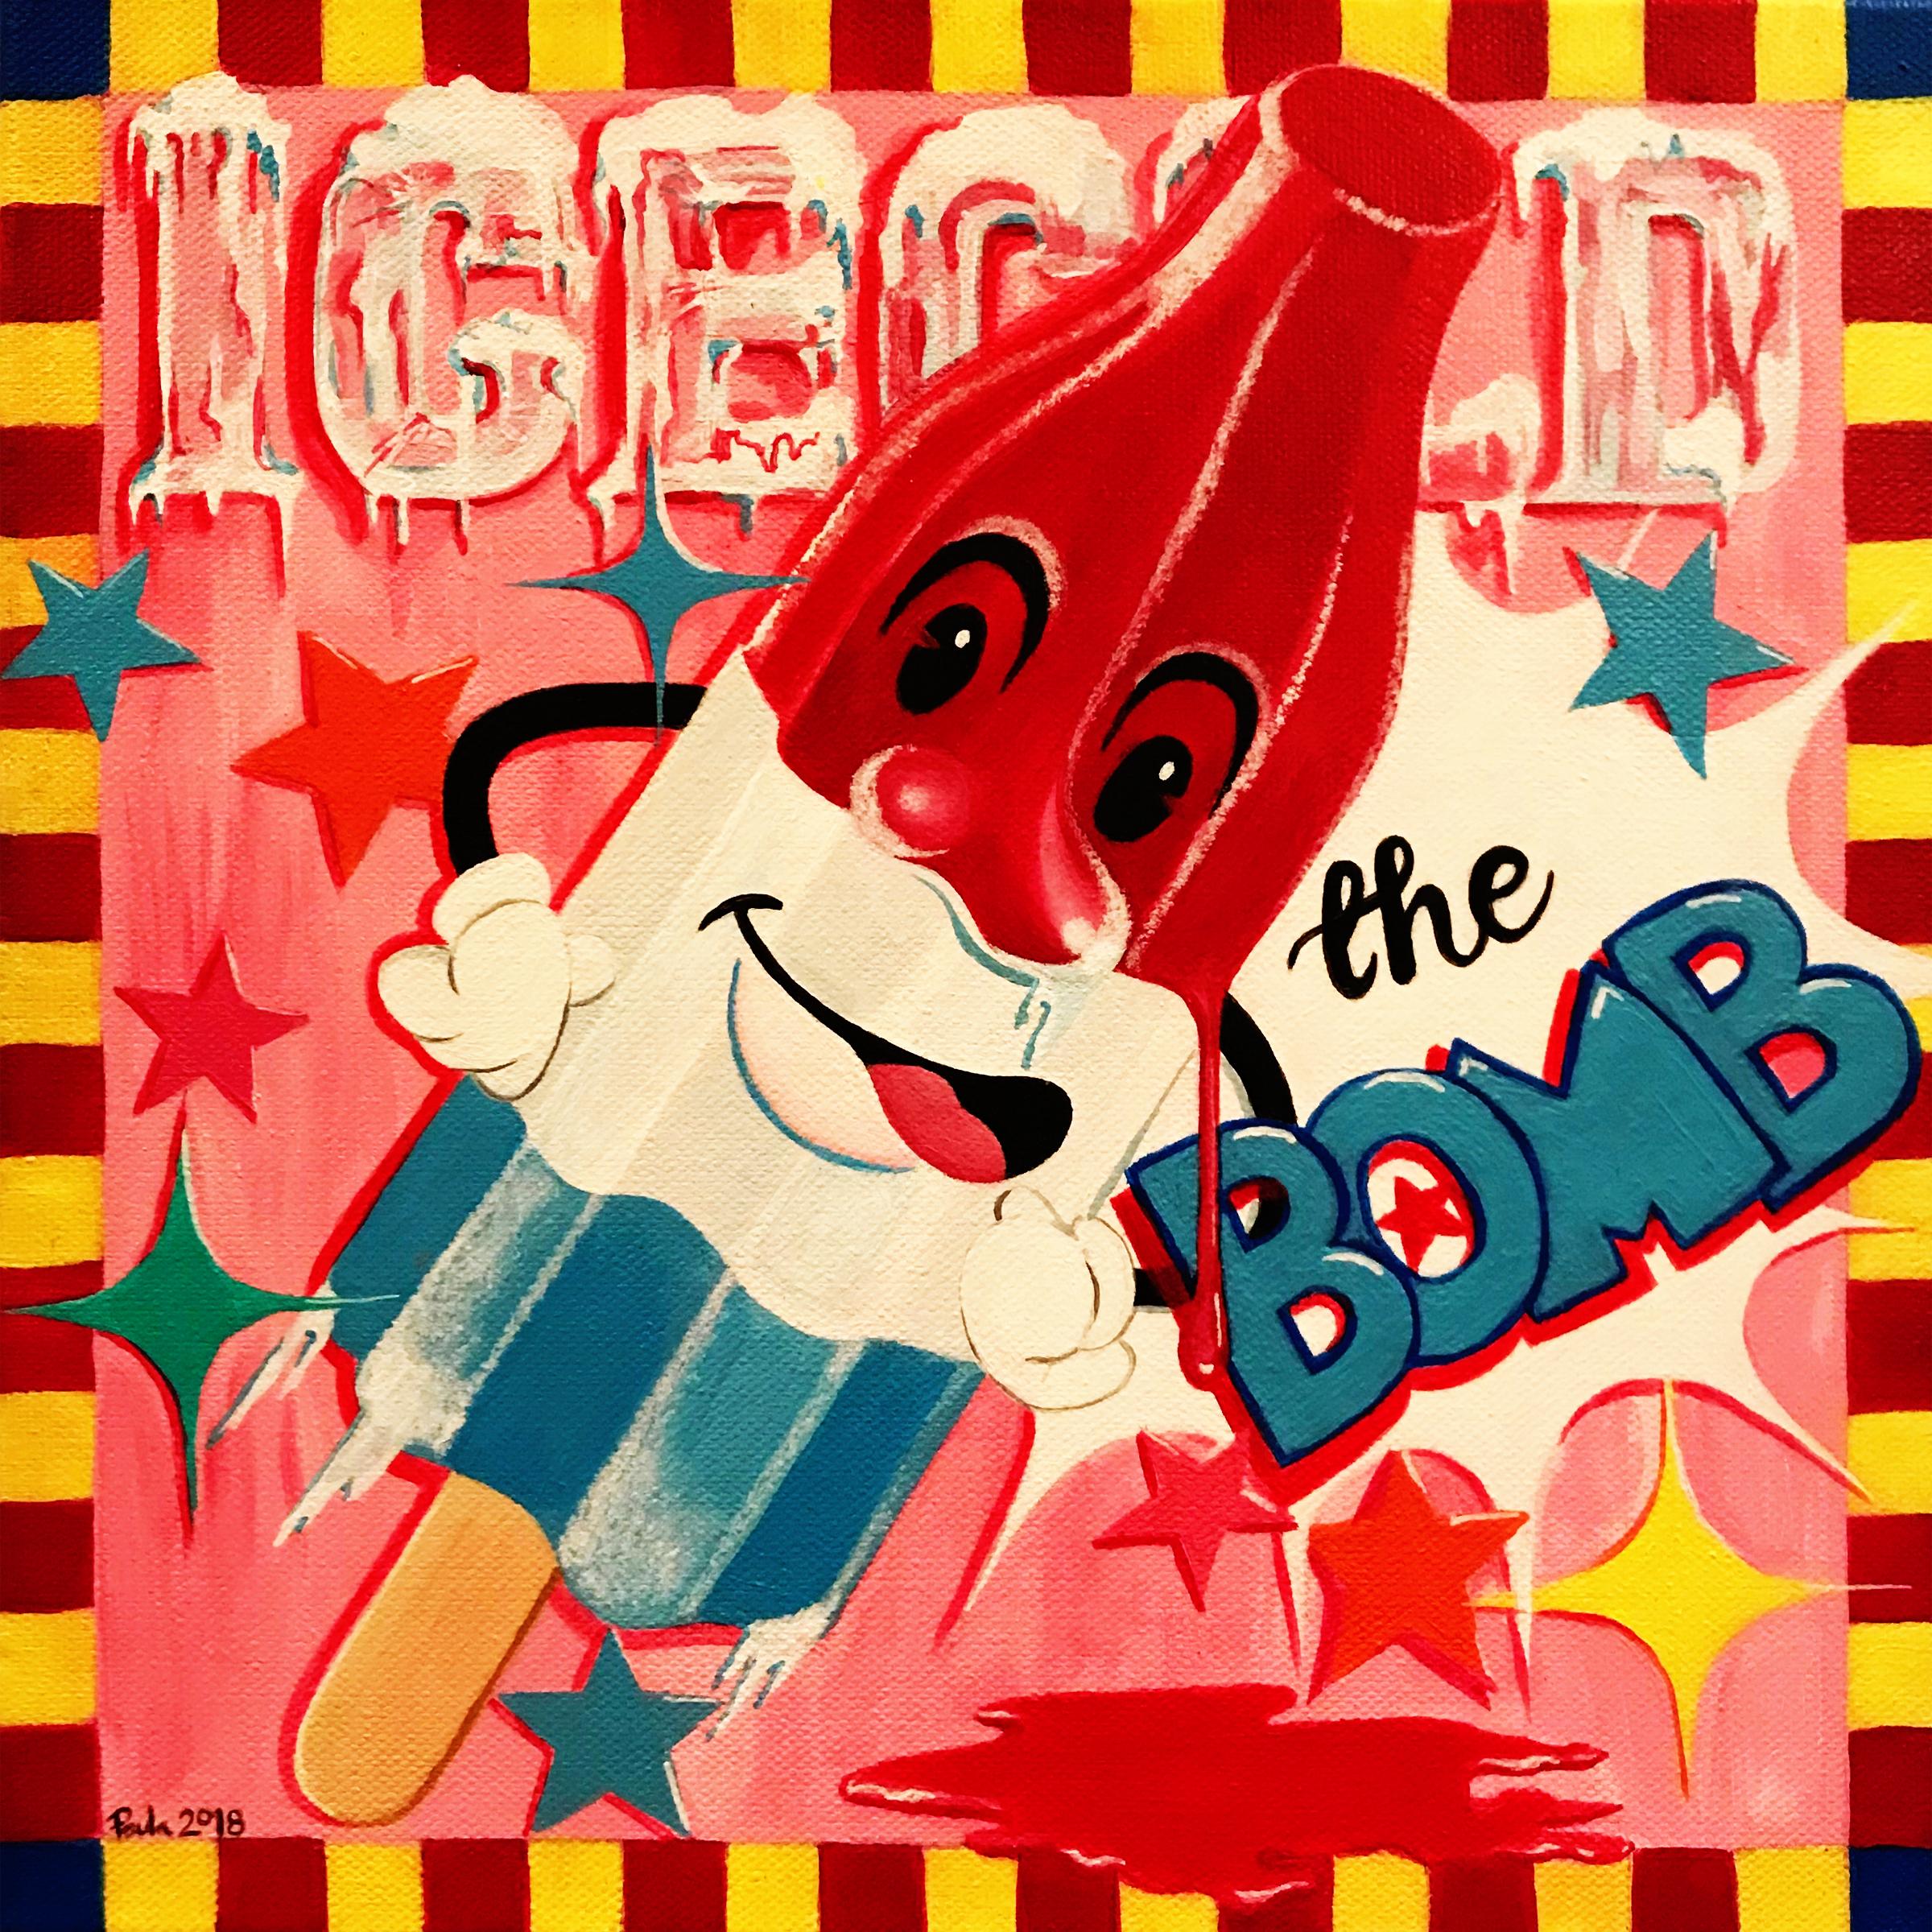 thebomb